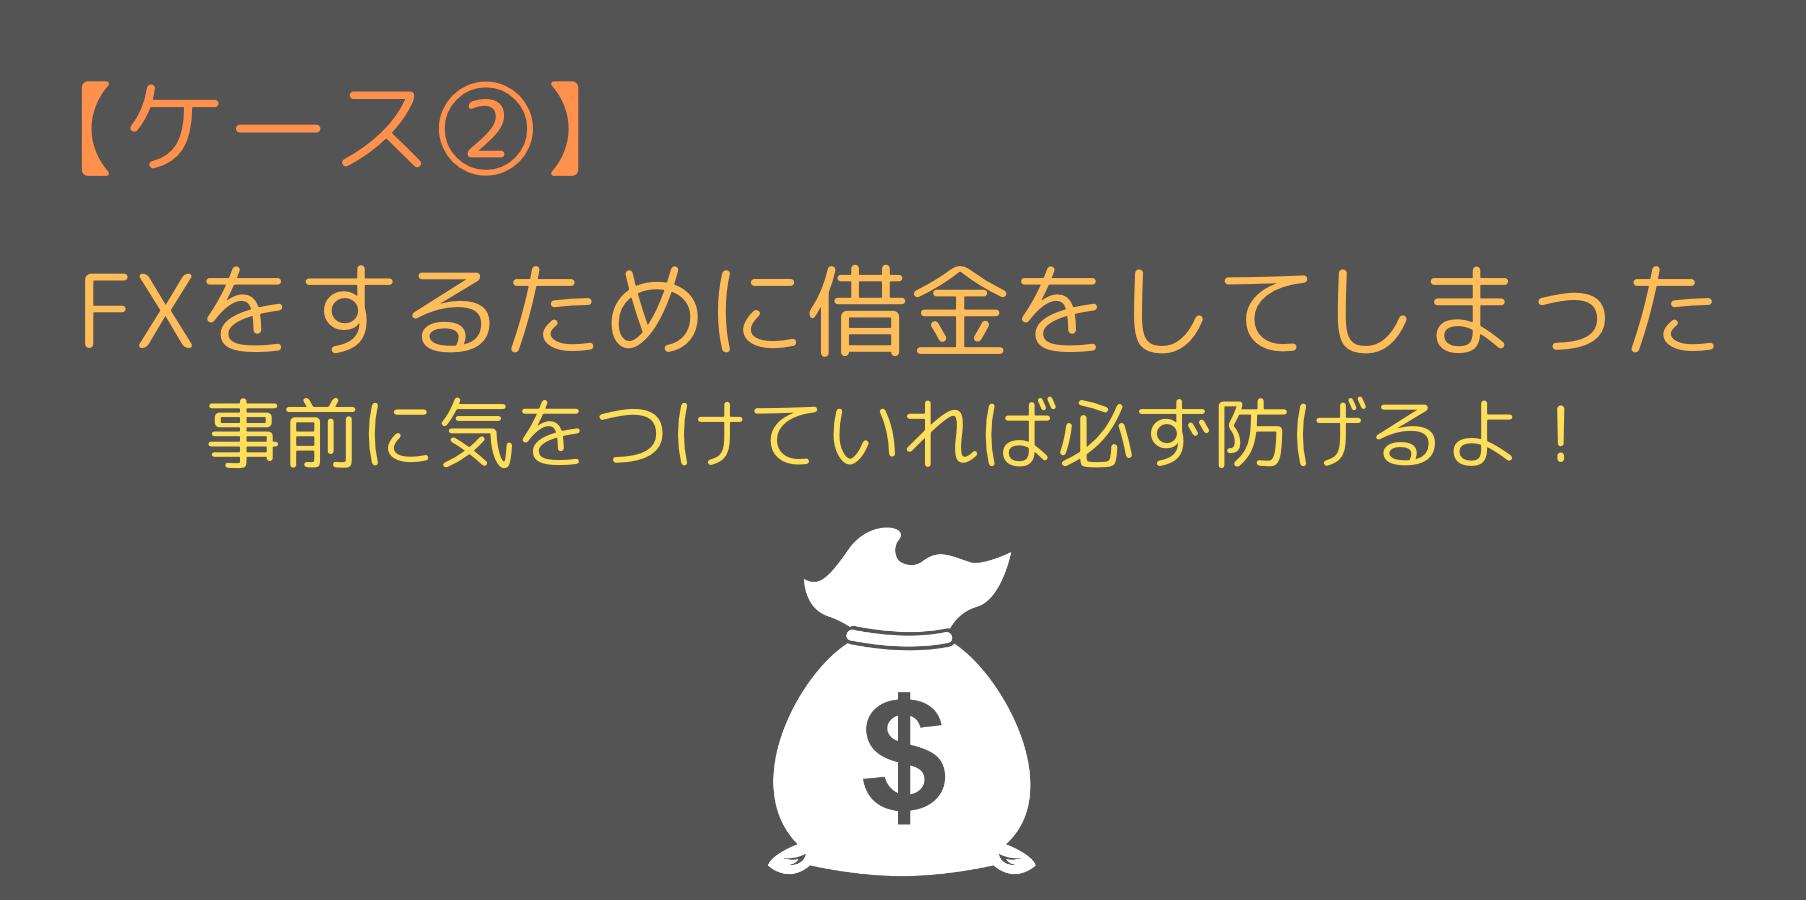 ケース②:借金をして取引をして負けてしまった場合